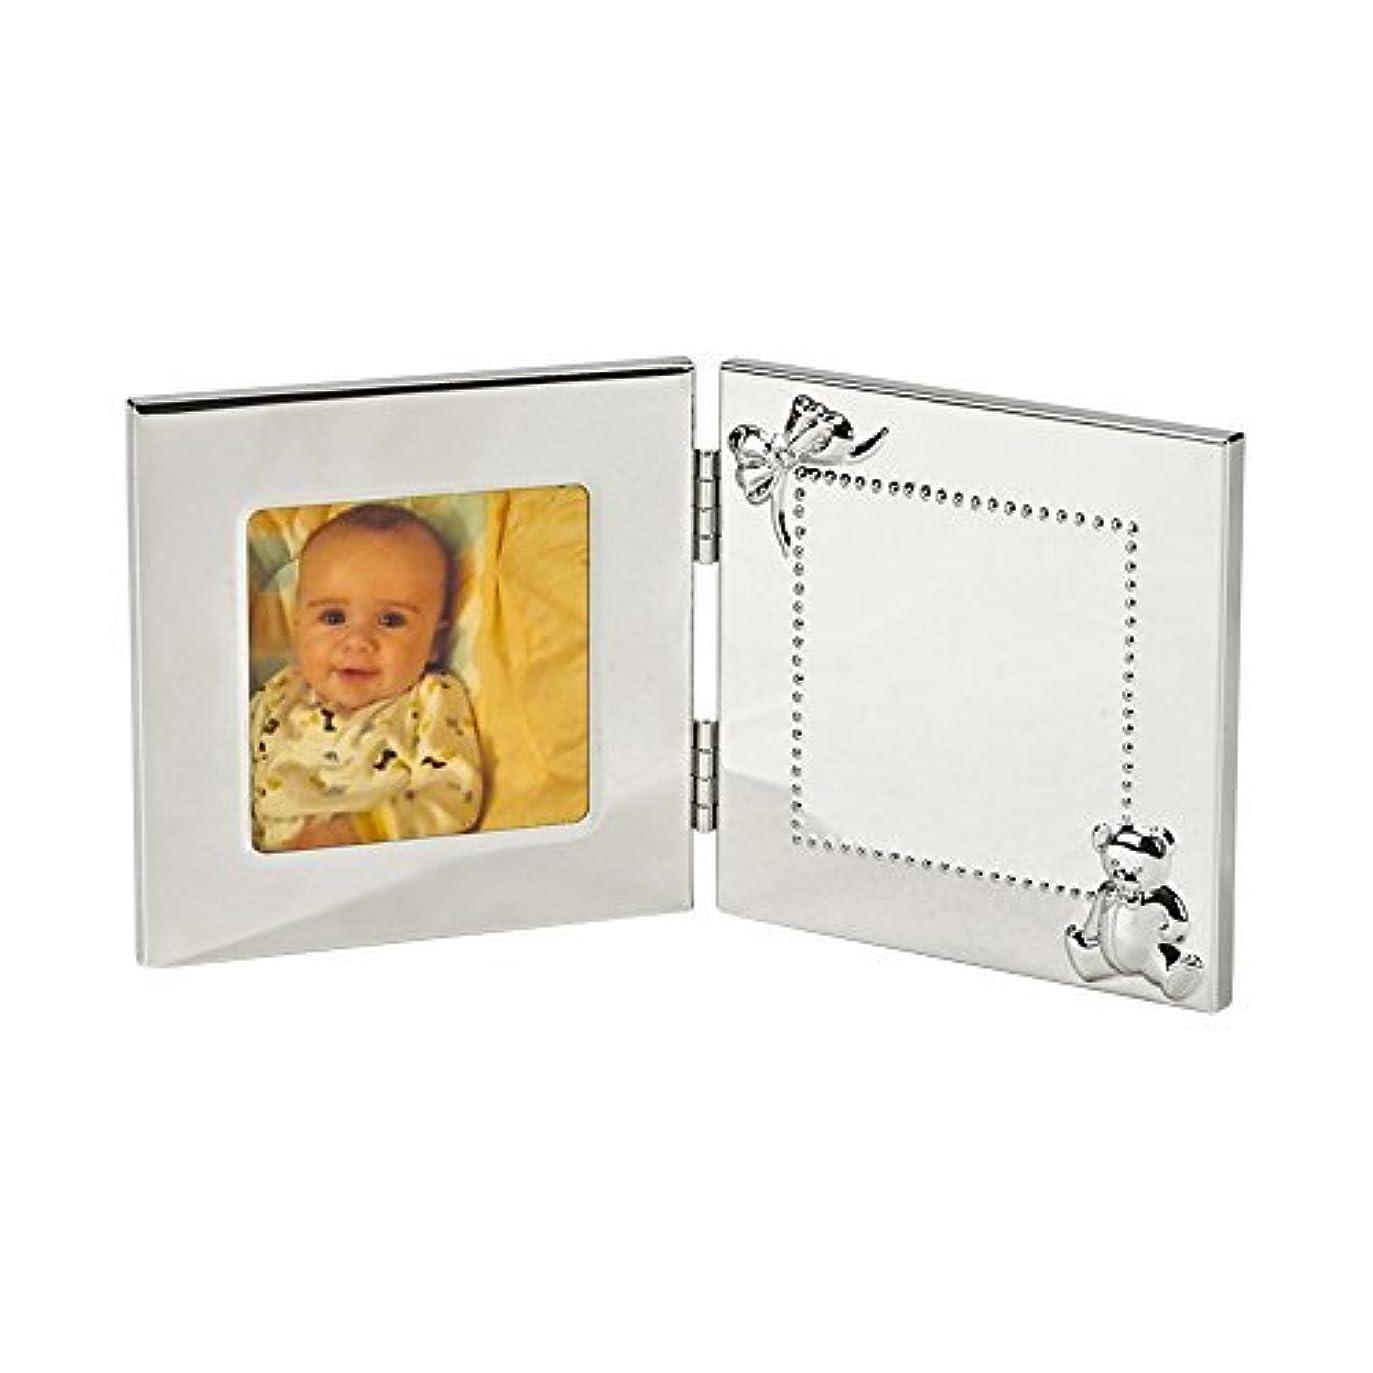 アヒル銀公然とA special silverplate hinged baby frame with engraveable plate - 3.5x5 [並行輸入品]